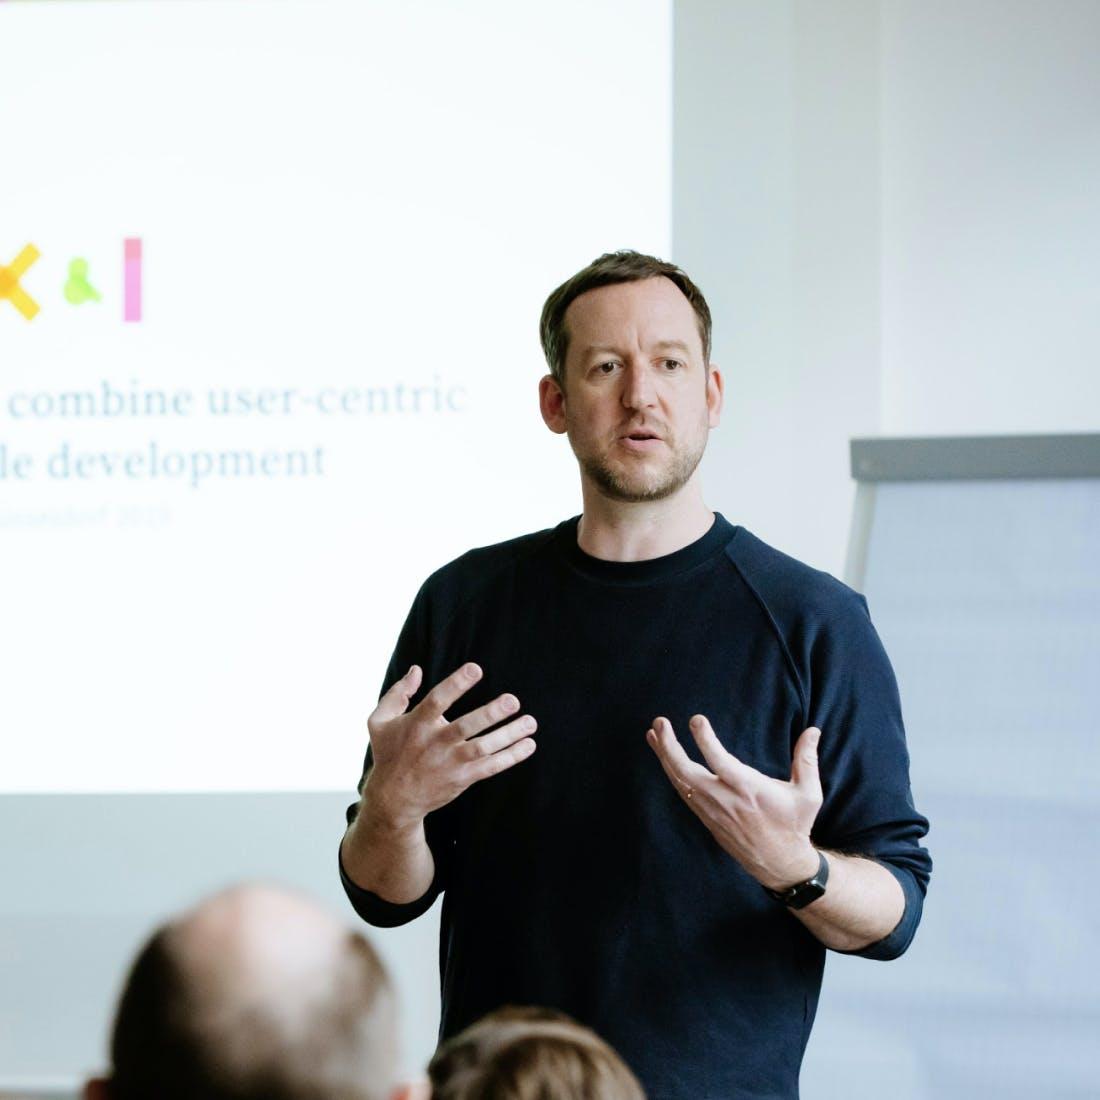 Hias Wrba, UX-Mentor UX&I GmbH